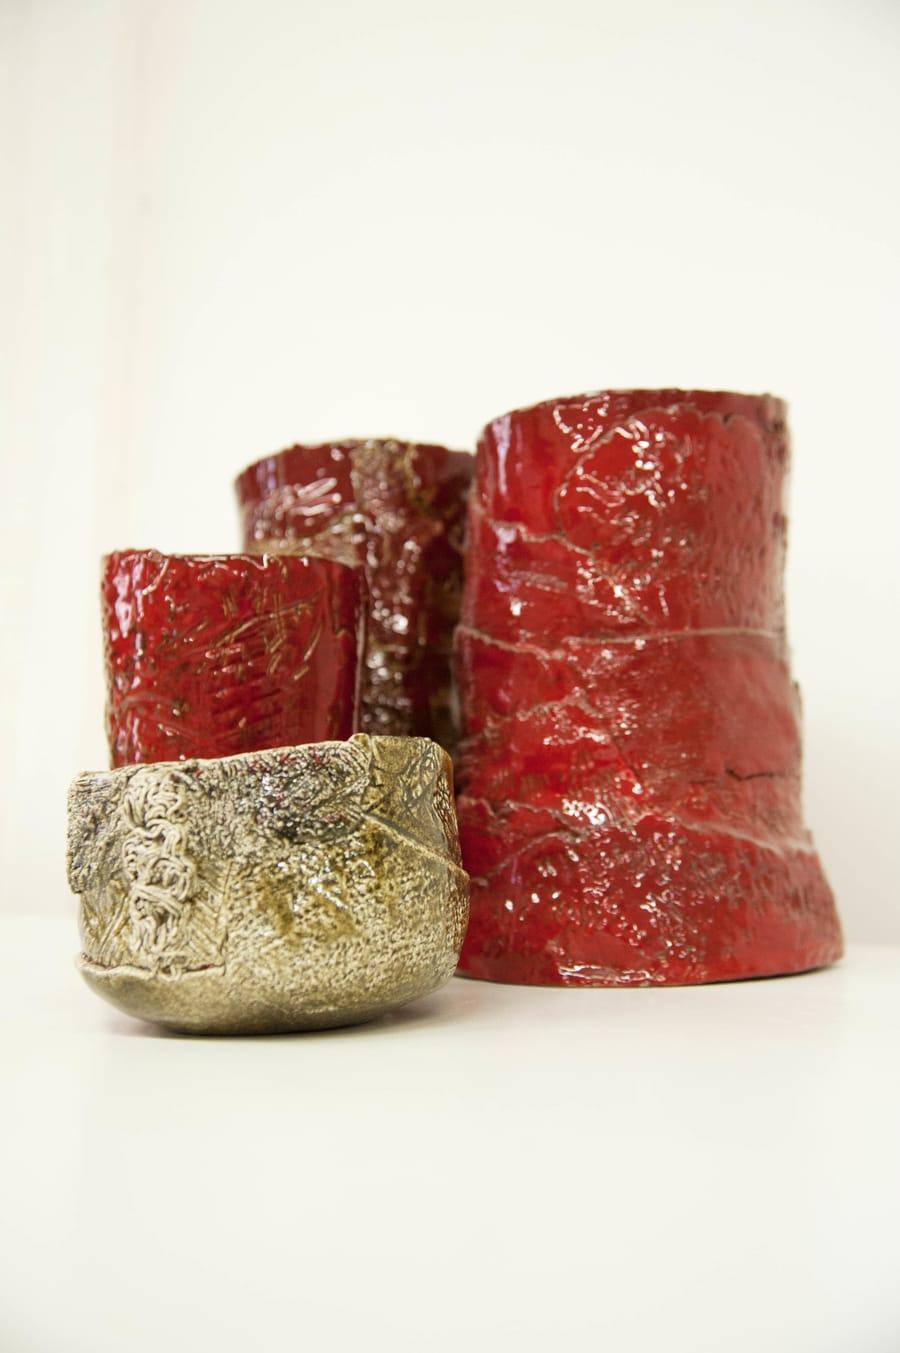 Piccola ciotola in ceramica e tre vasi dalle diverse dimensioni